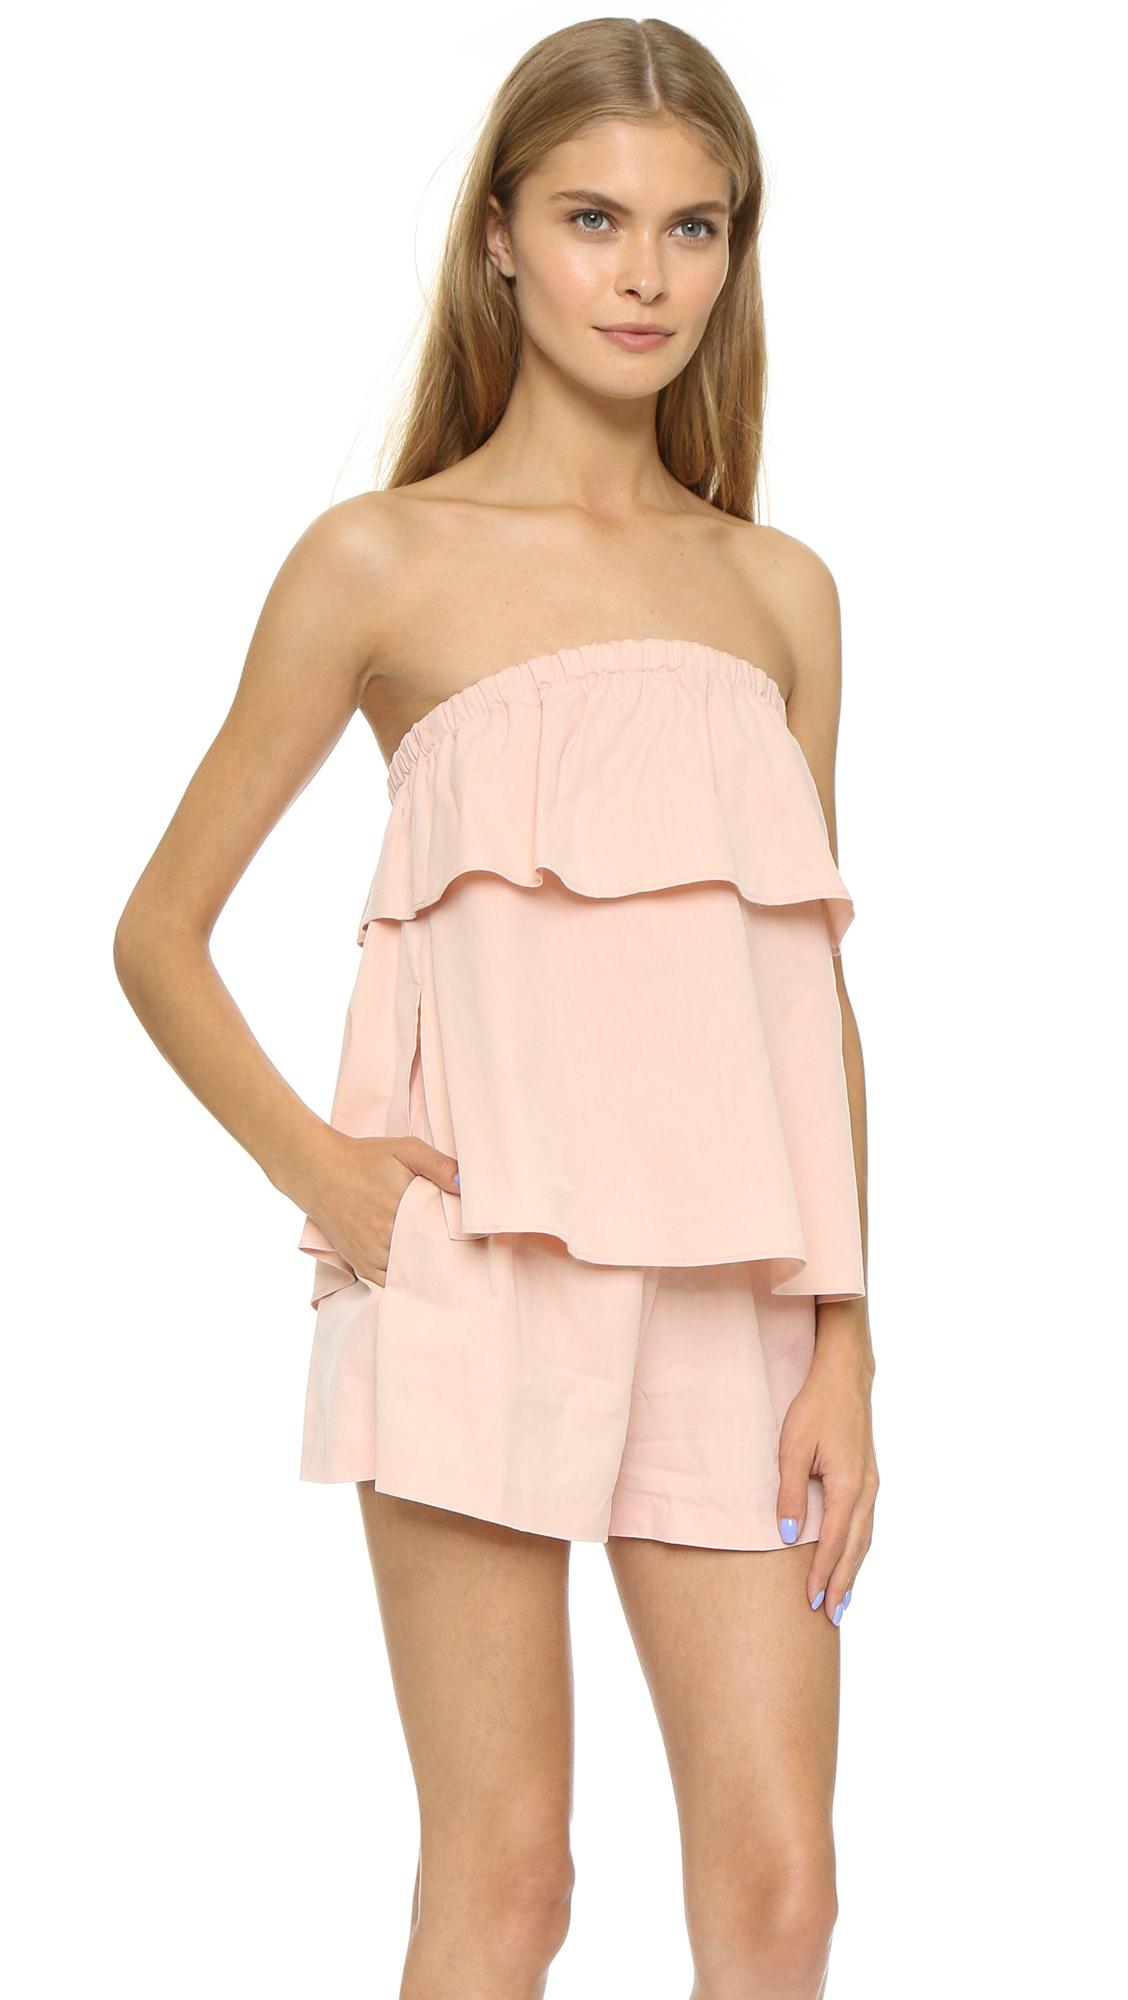 Club Monaco Leele Romper Pink Salt In Pink Lyst